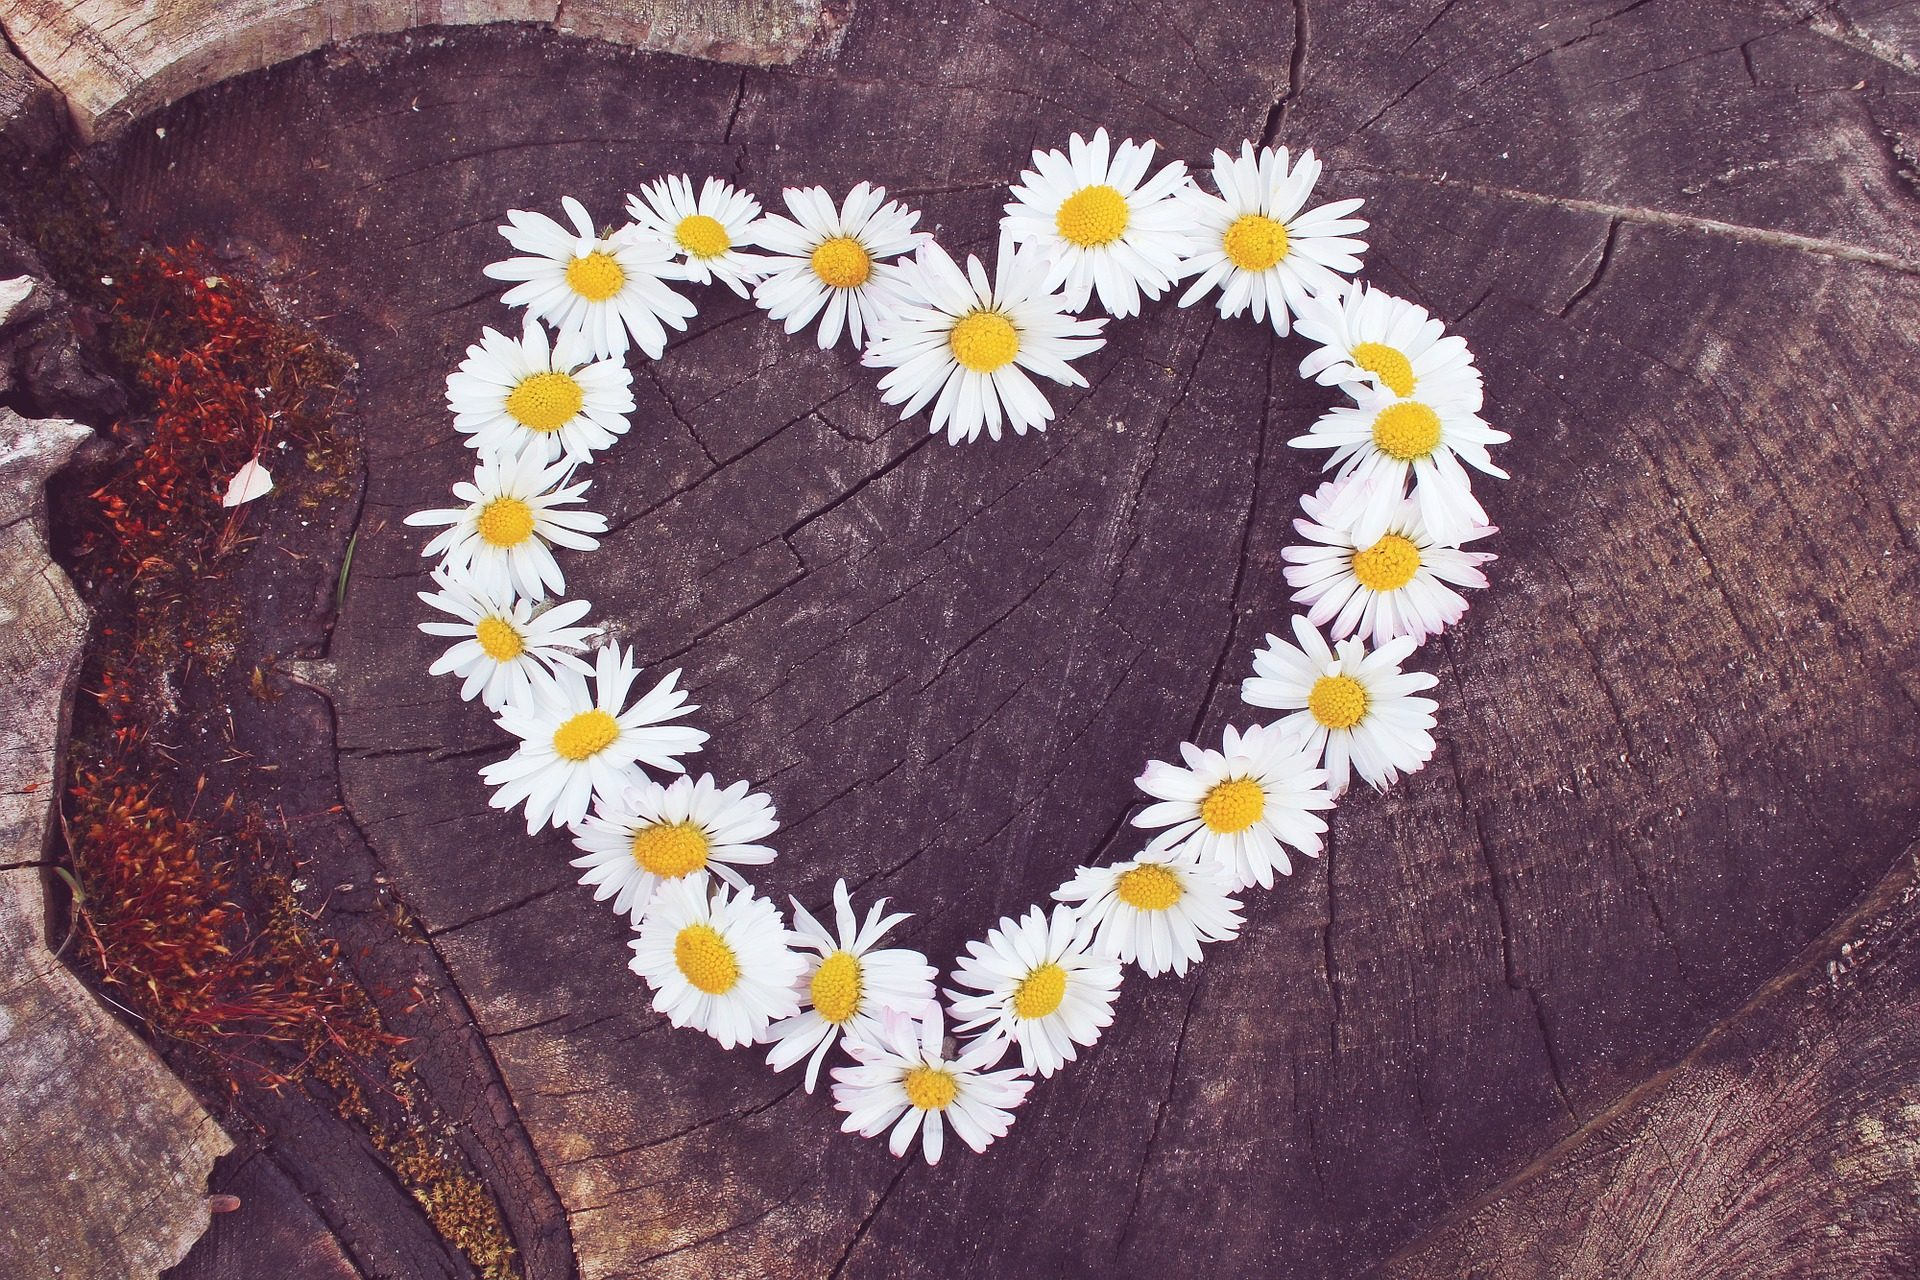 cuore, fiori, tronco, legno, Margarita - Sfondi HD - Professor-falken.com